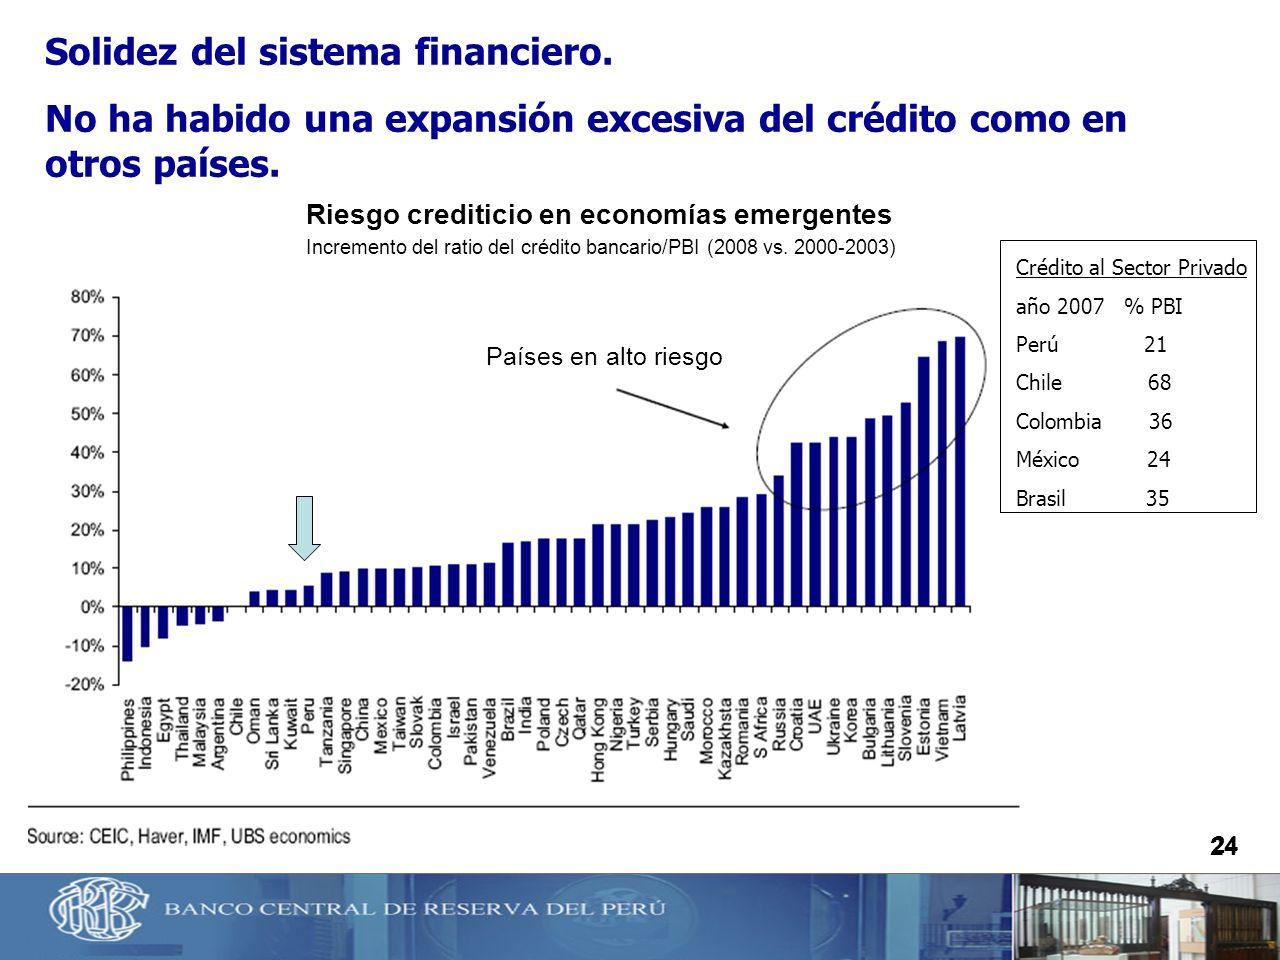 Riesgo crediticio en economías emergentes